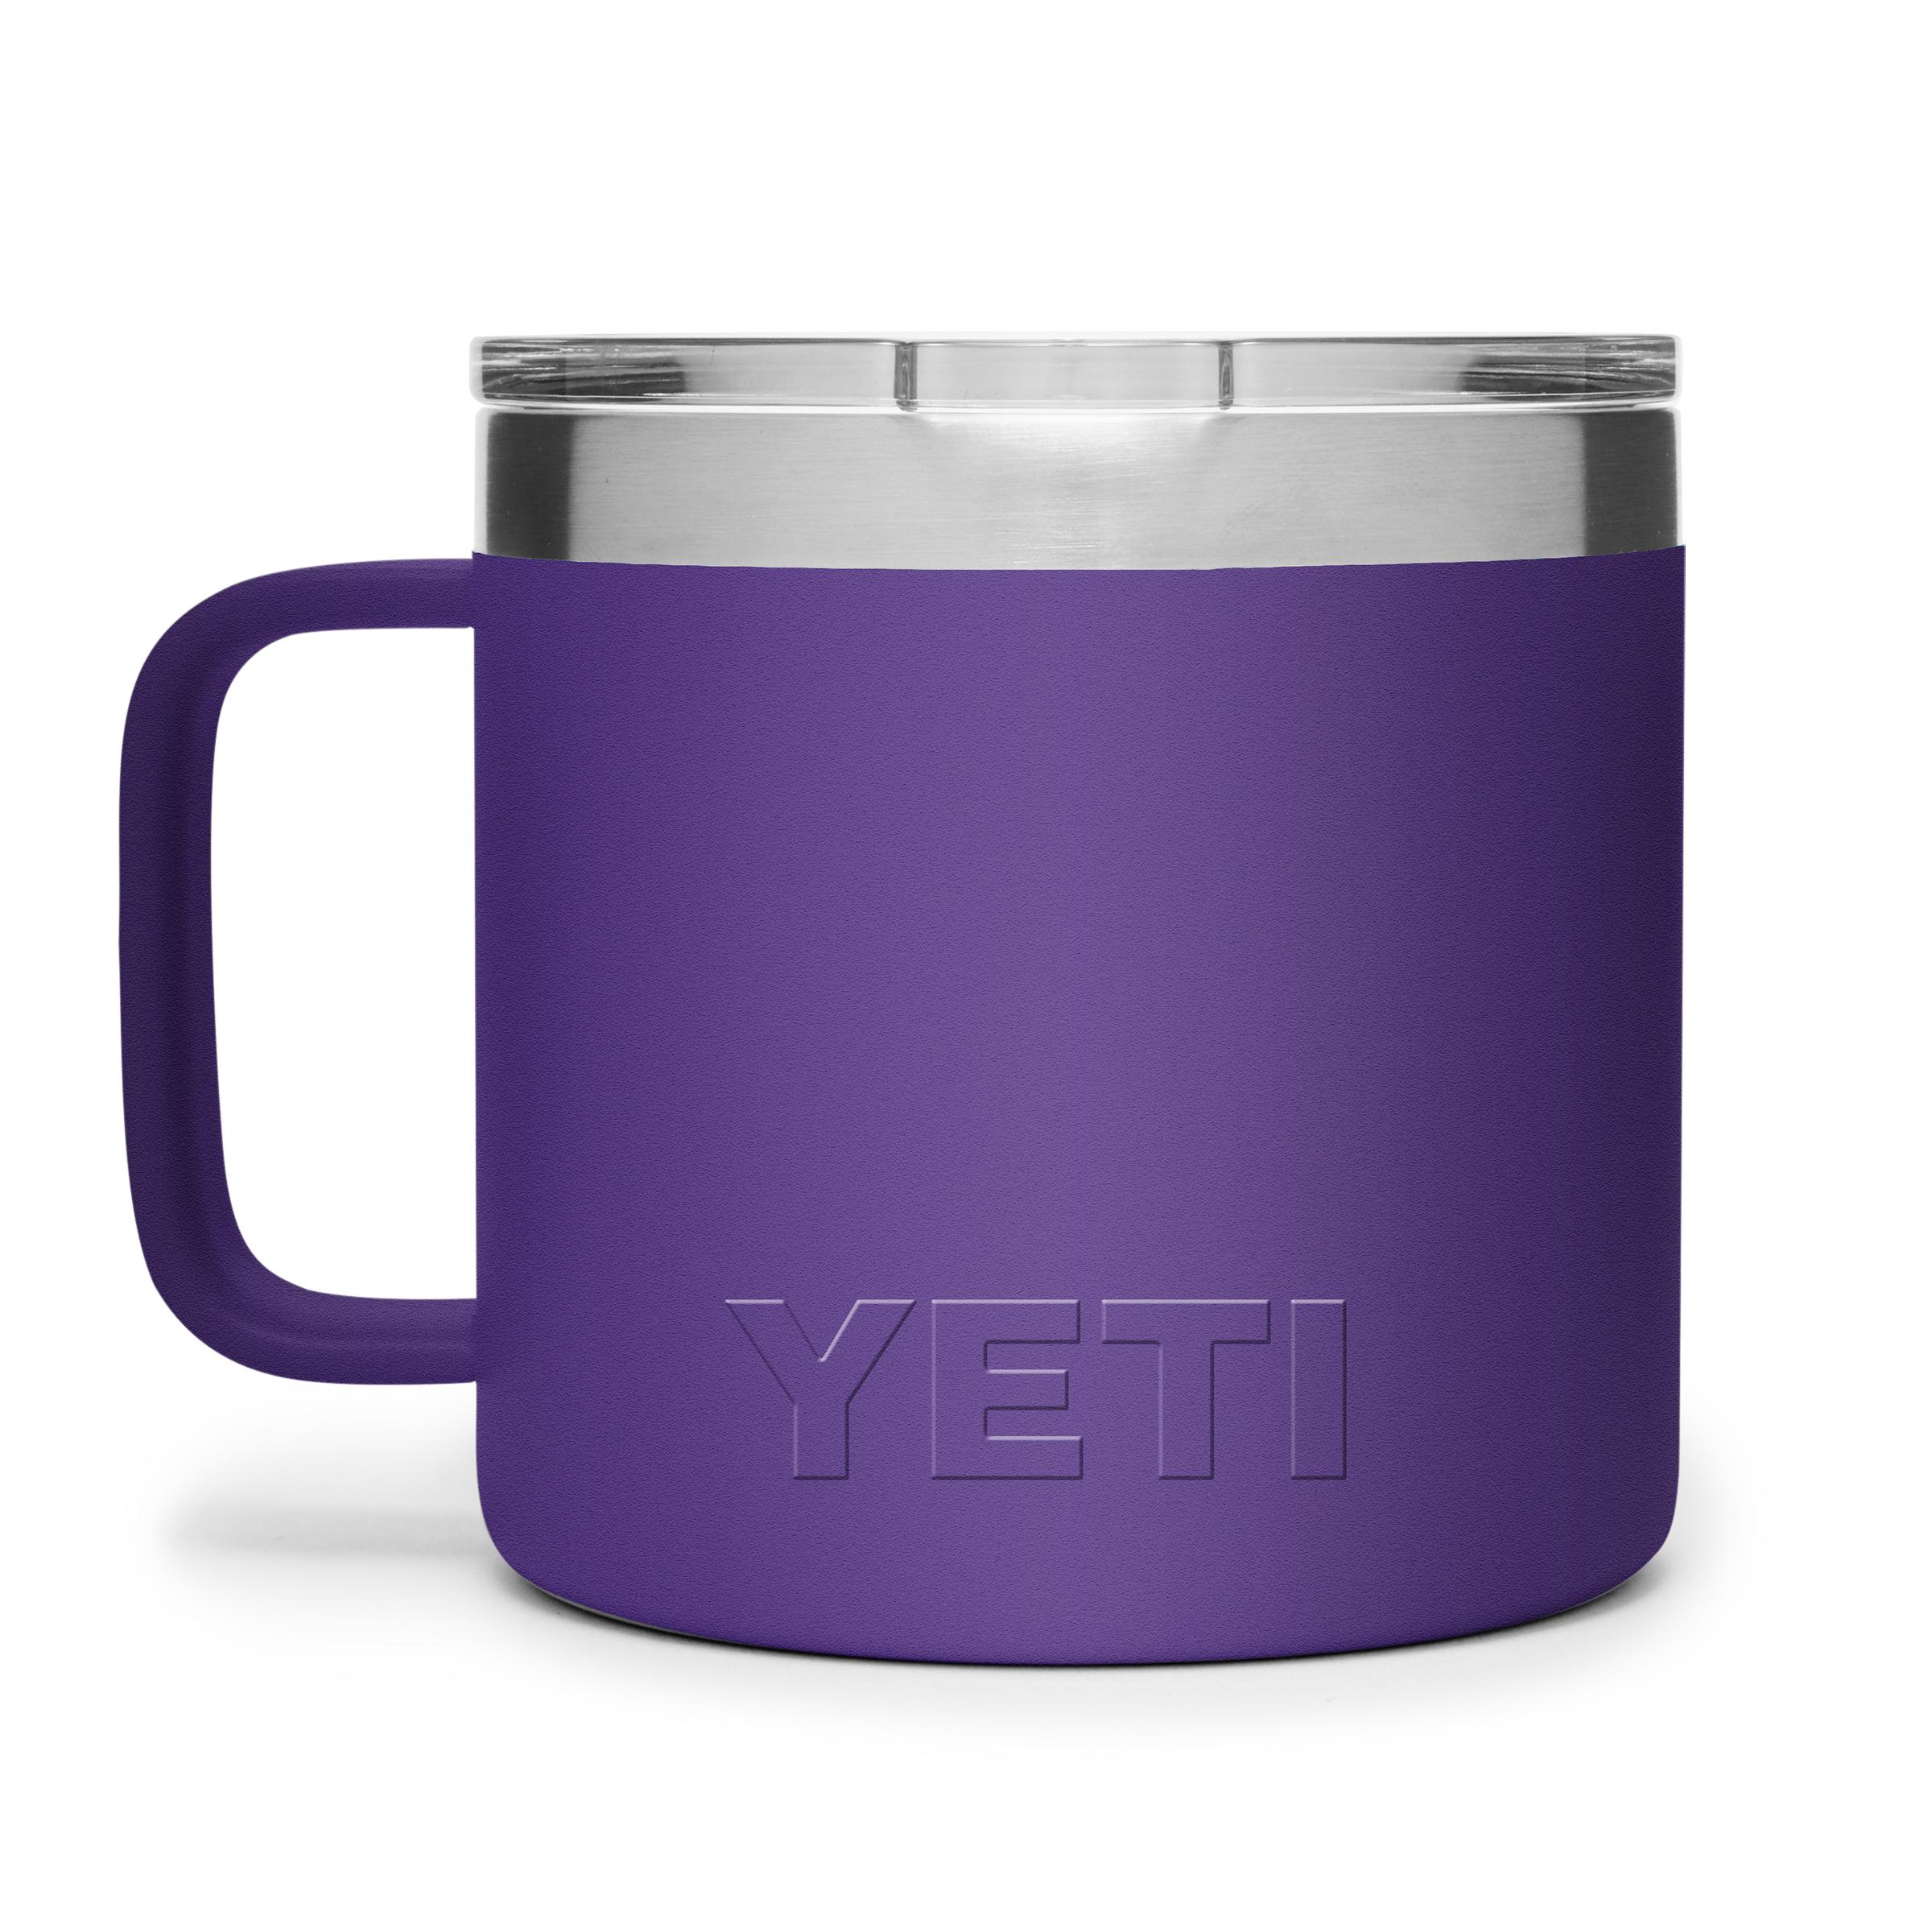 Yeti Rambler 14 Mug | MEC